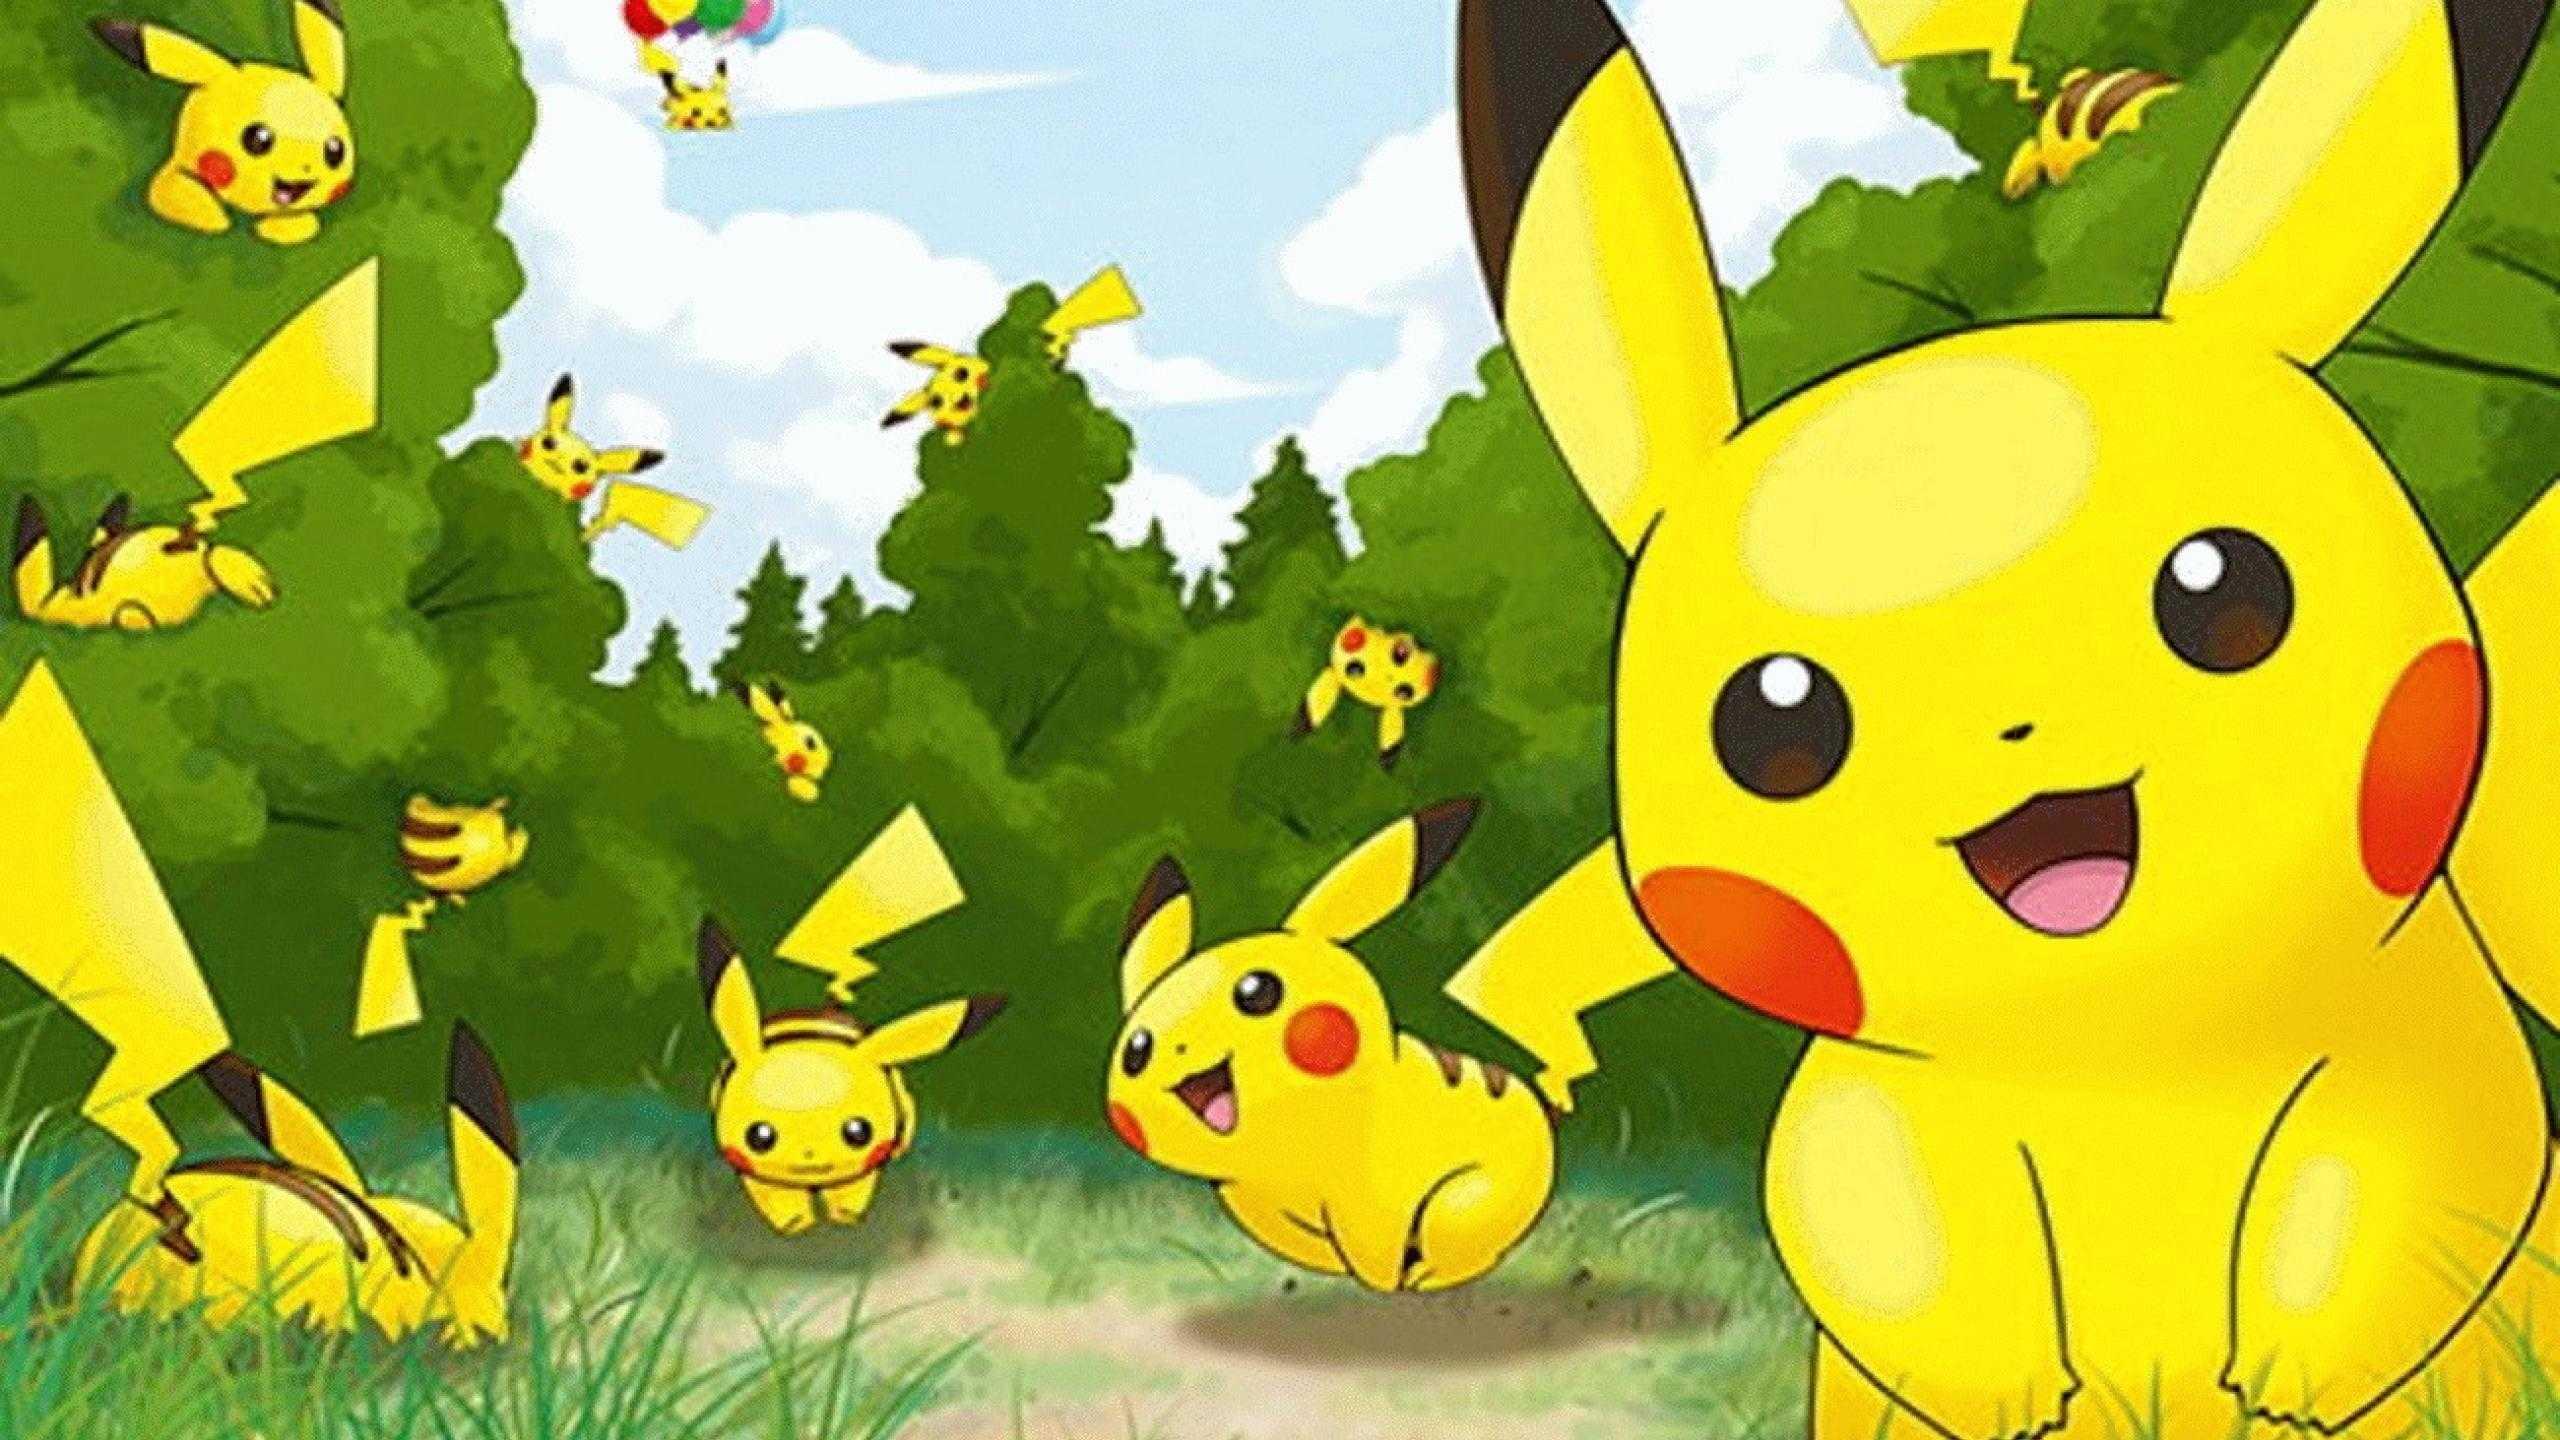 Pokemon Wallpaper Hd Pikachu HD Wallpapers 2560x1440